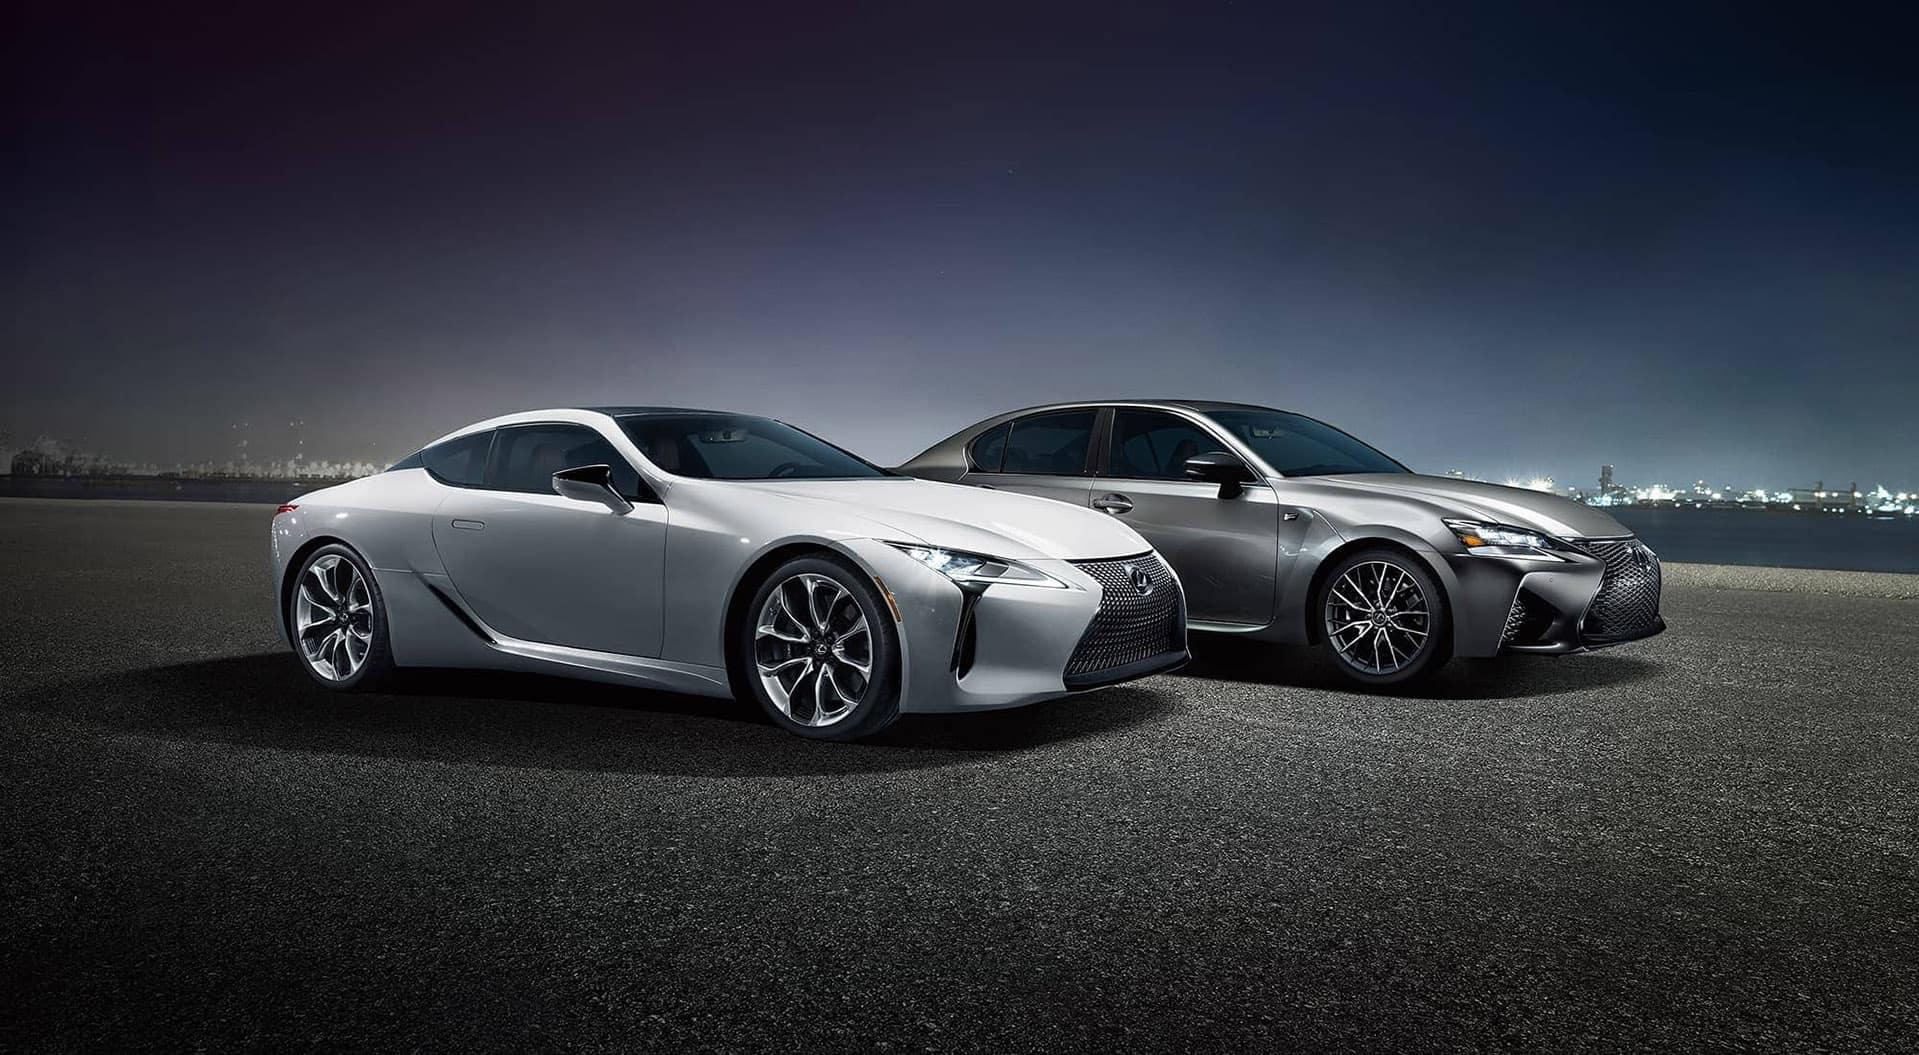 Lexus LFA side by side